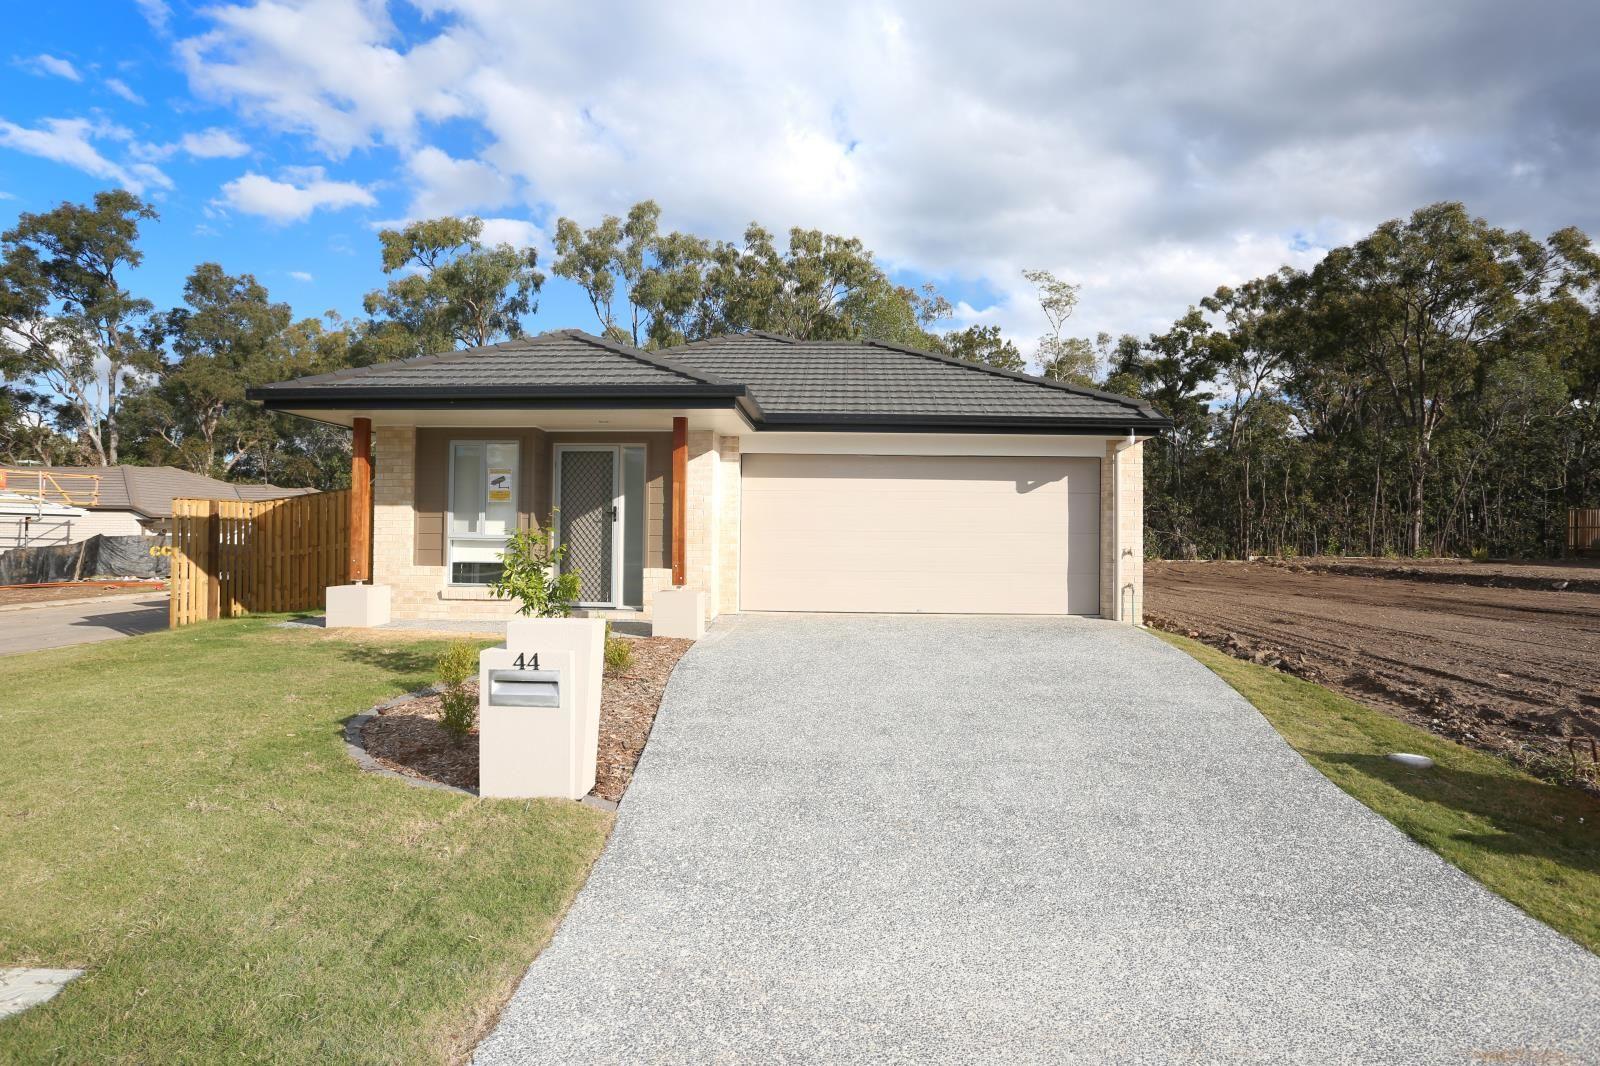 44 Bishampton Circuit, Logan Reserve QLD 4133, Image 0